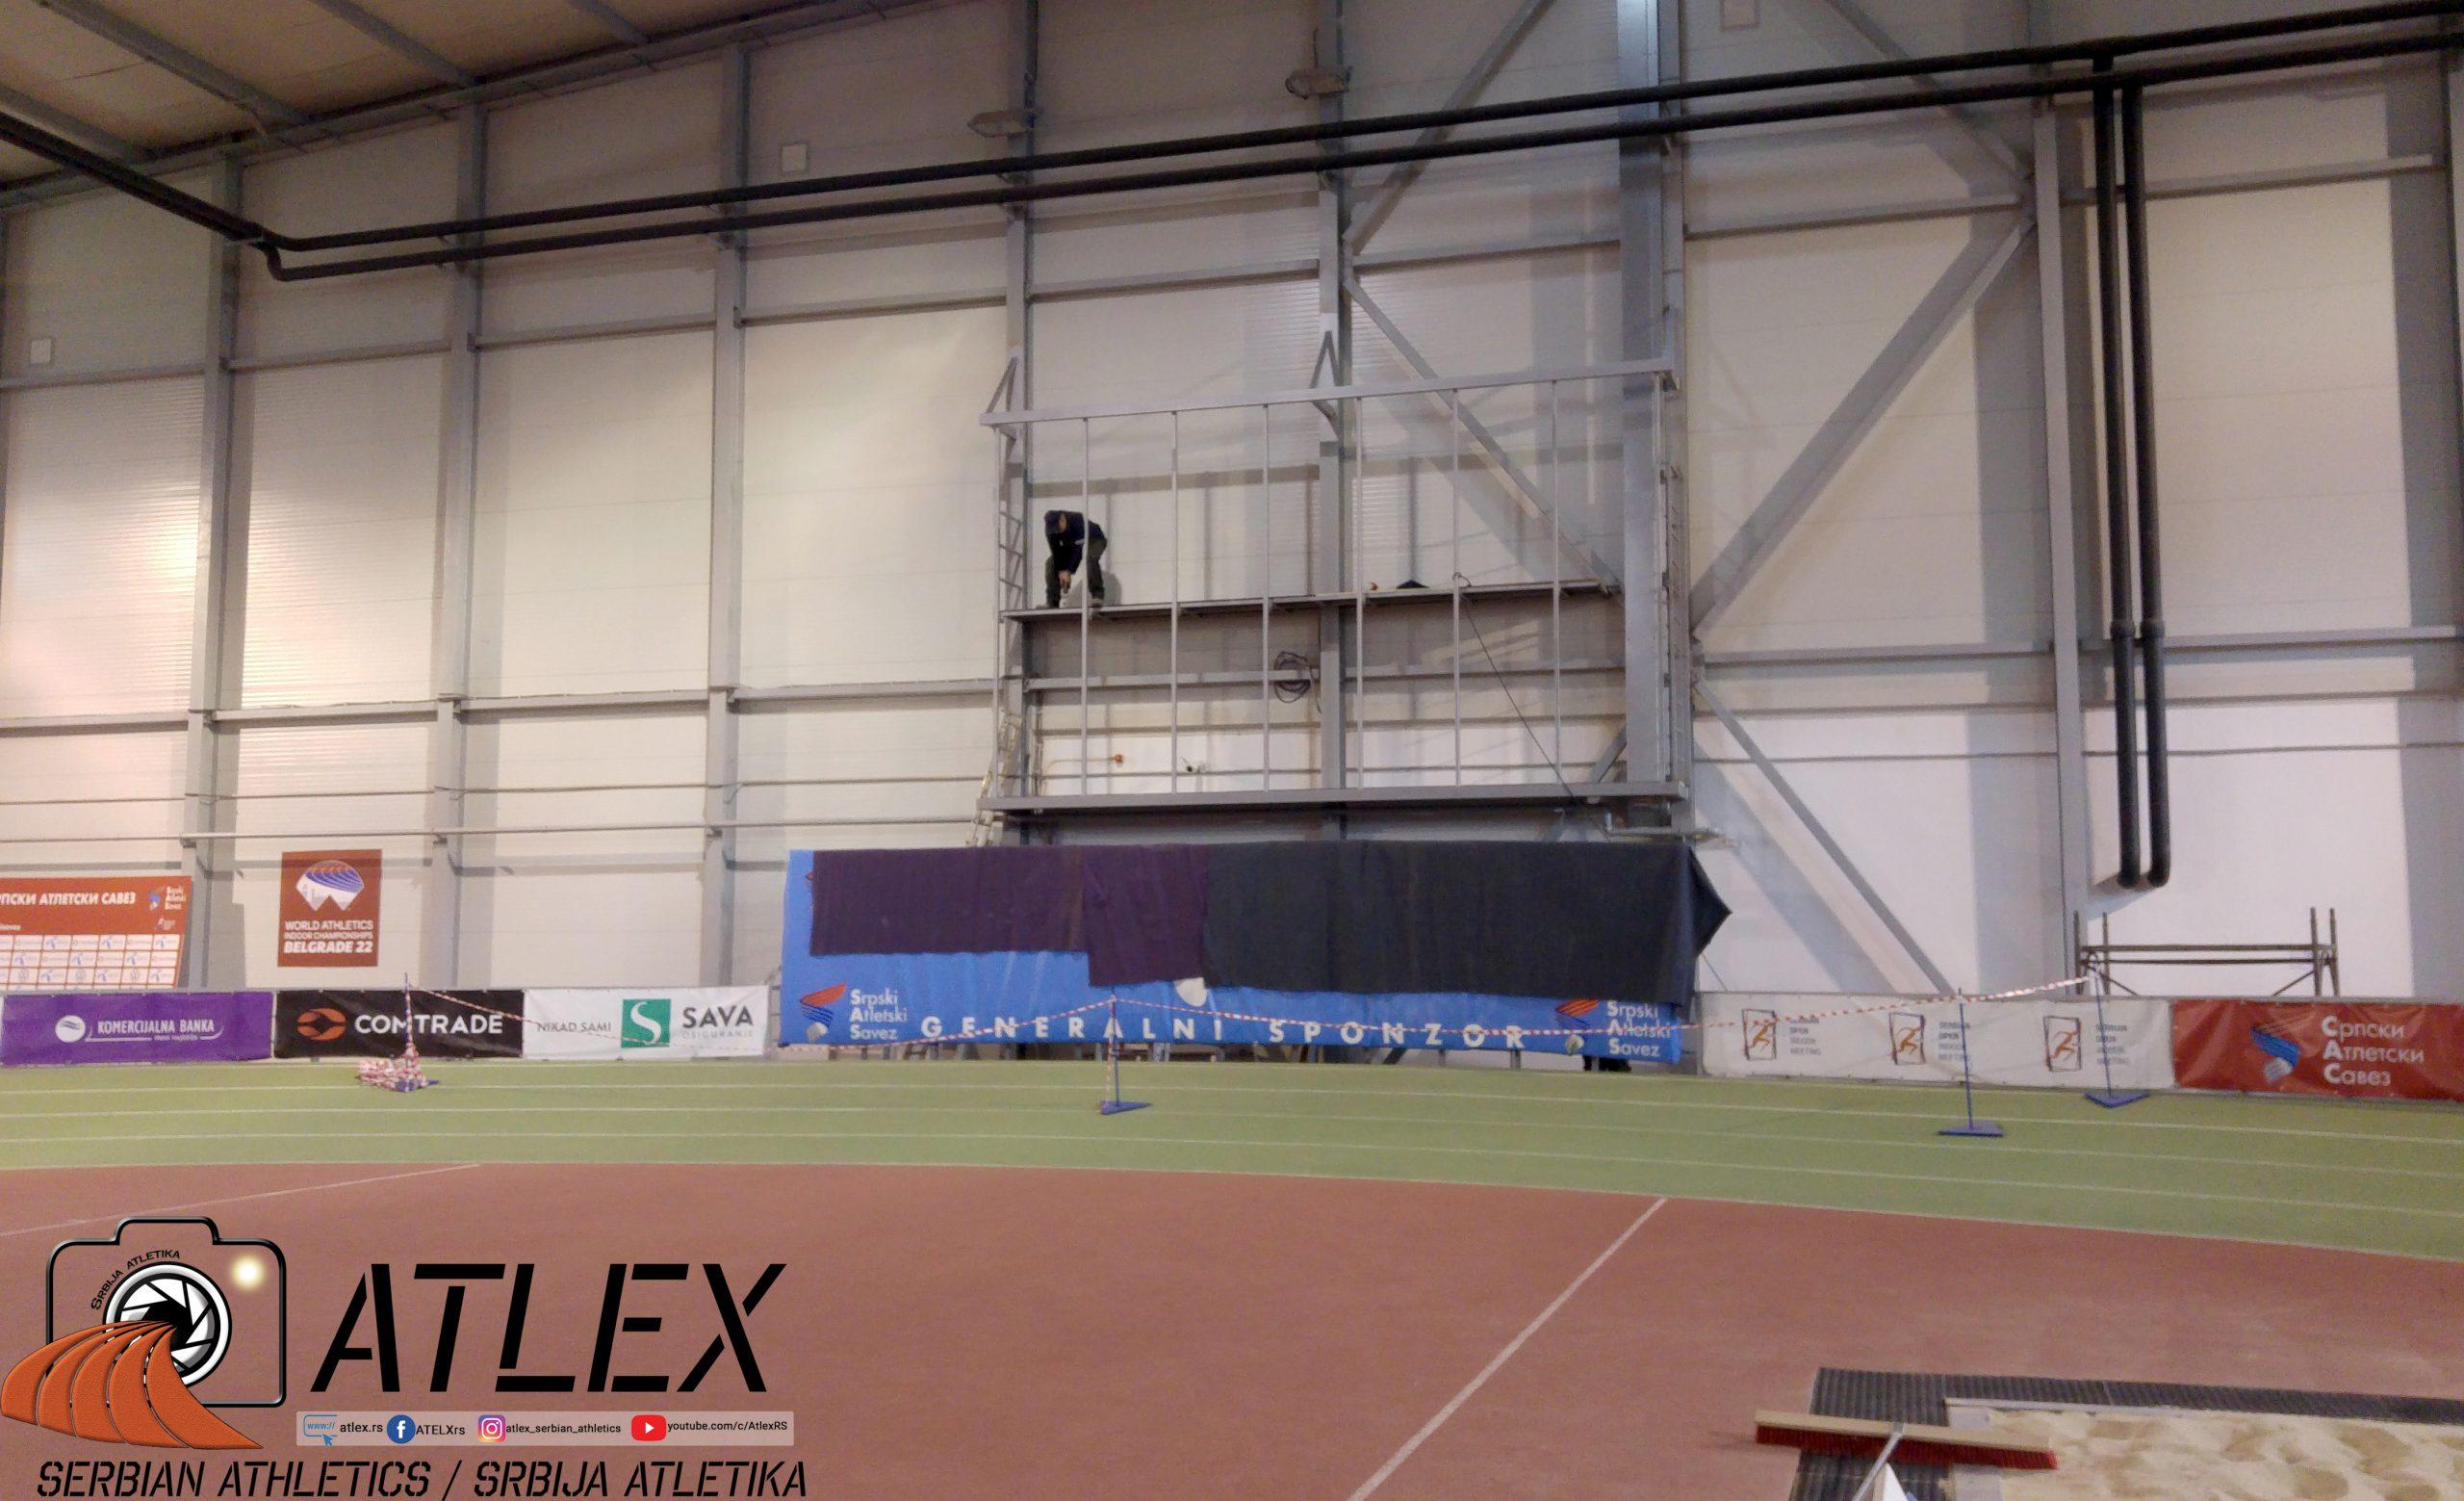 Atletska dvorana, izgradnja platforme za video skrin